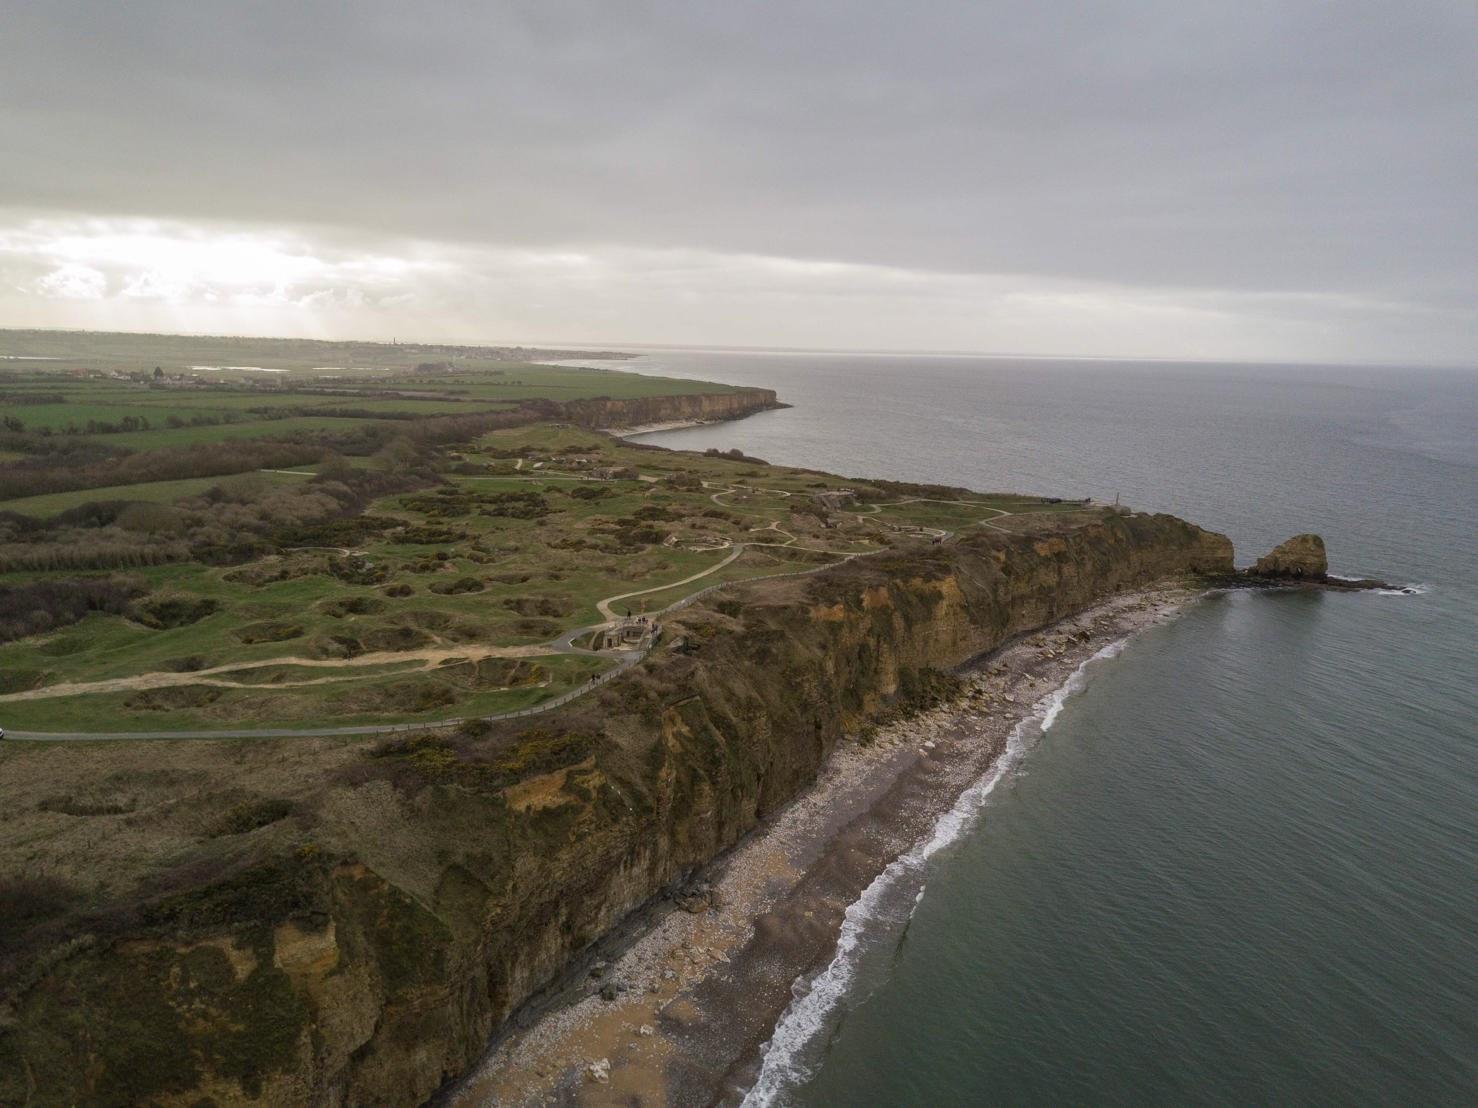 lidar-topographie-imagerie-aerienne-pointe-de-la-hotte